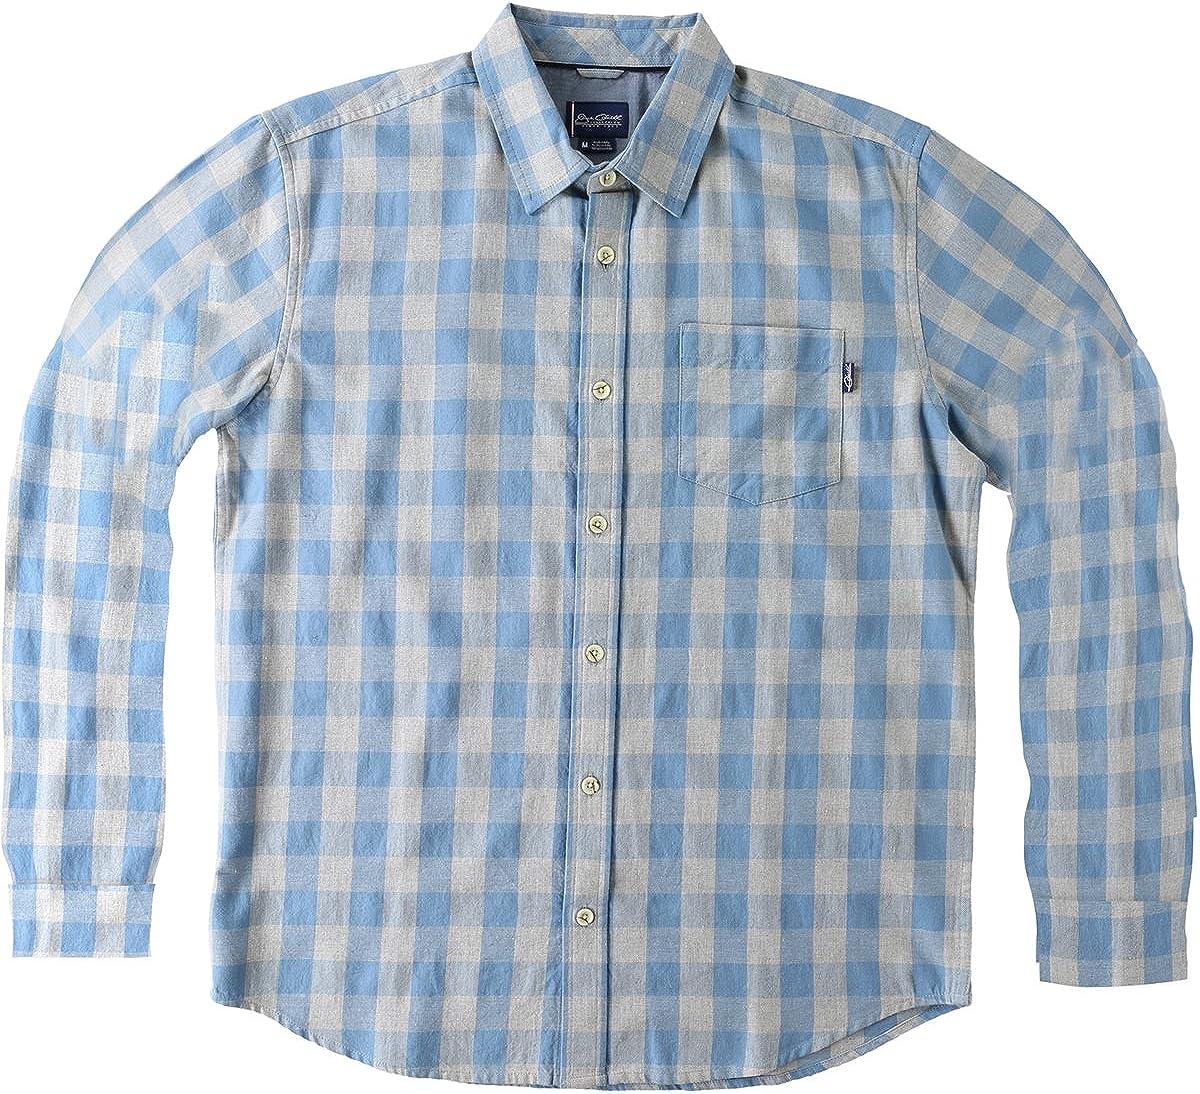 ONeill Mens Jack Belcourt Button Up Long-Sleeve Shirt